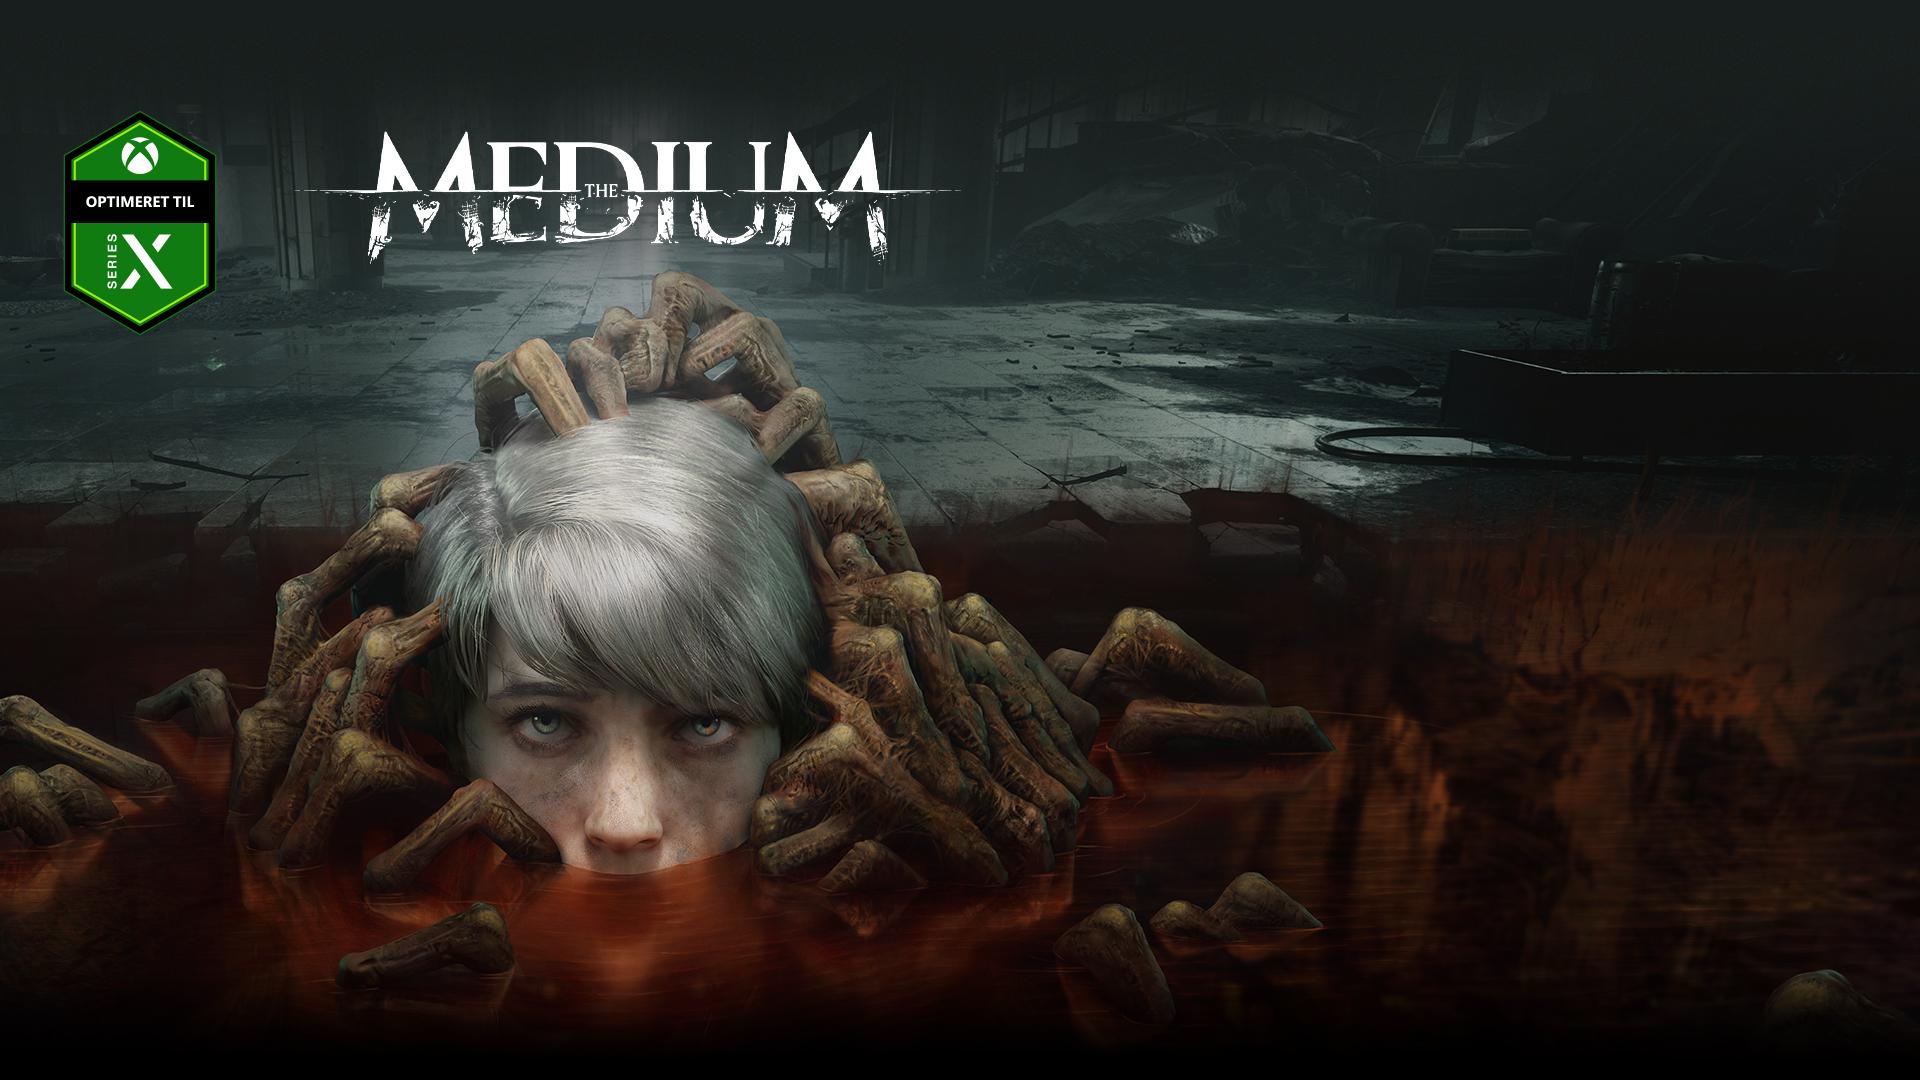 In The Medium, optimiert für Series X, erhebt sich der Kopf eines Kindes aus einer Pfütze mit untoten Händen.